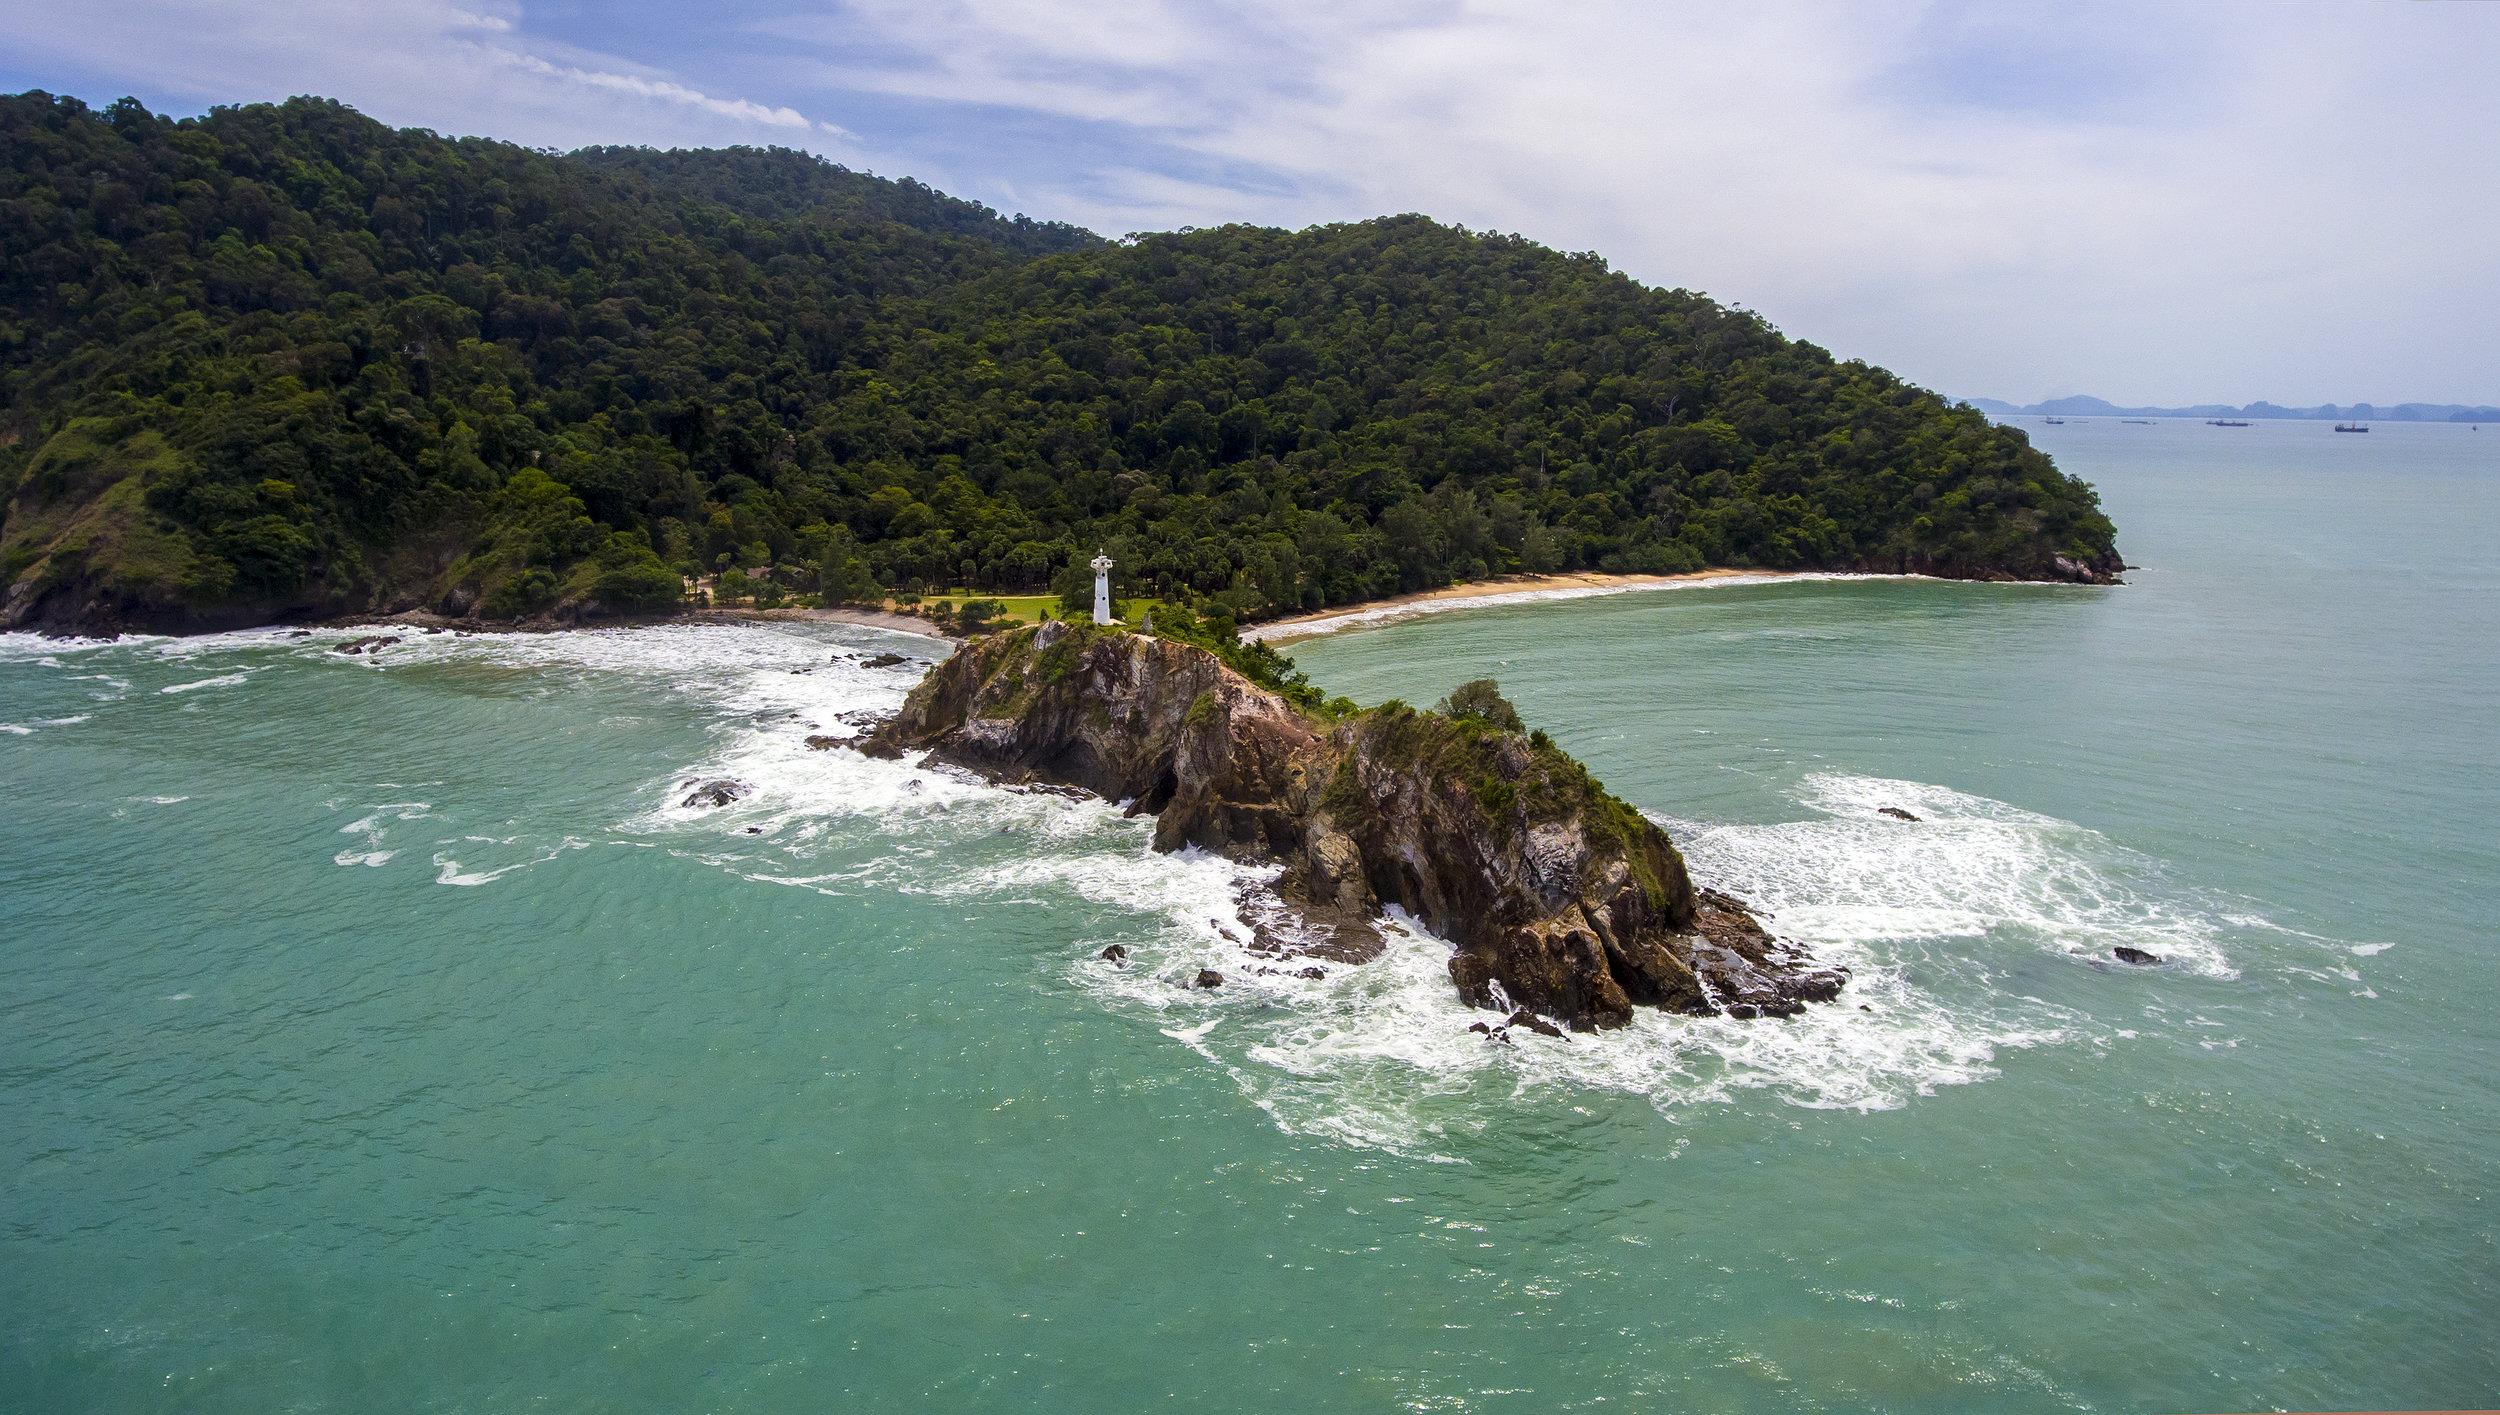 Mu Koh Lanta National Park